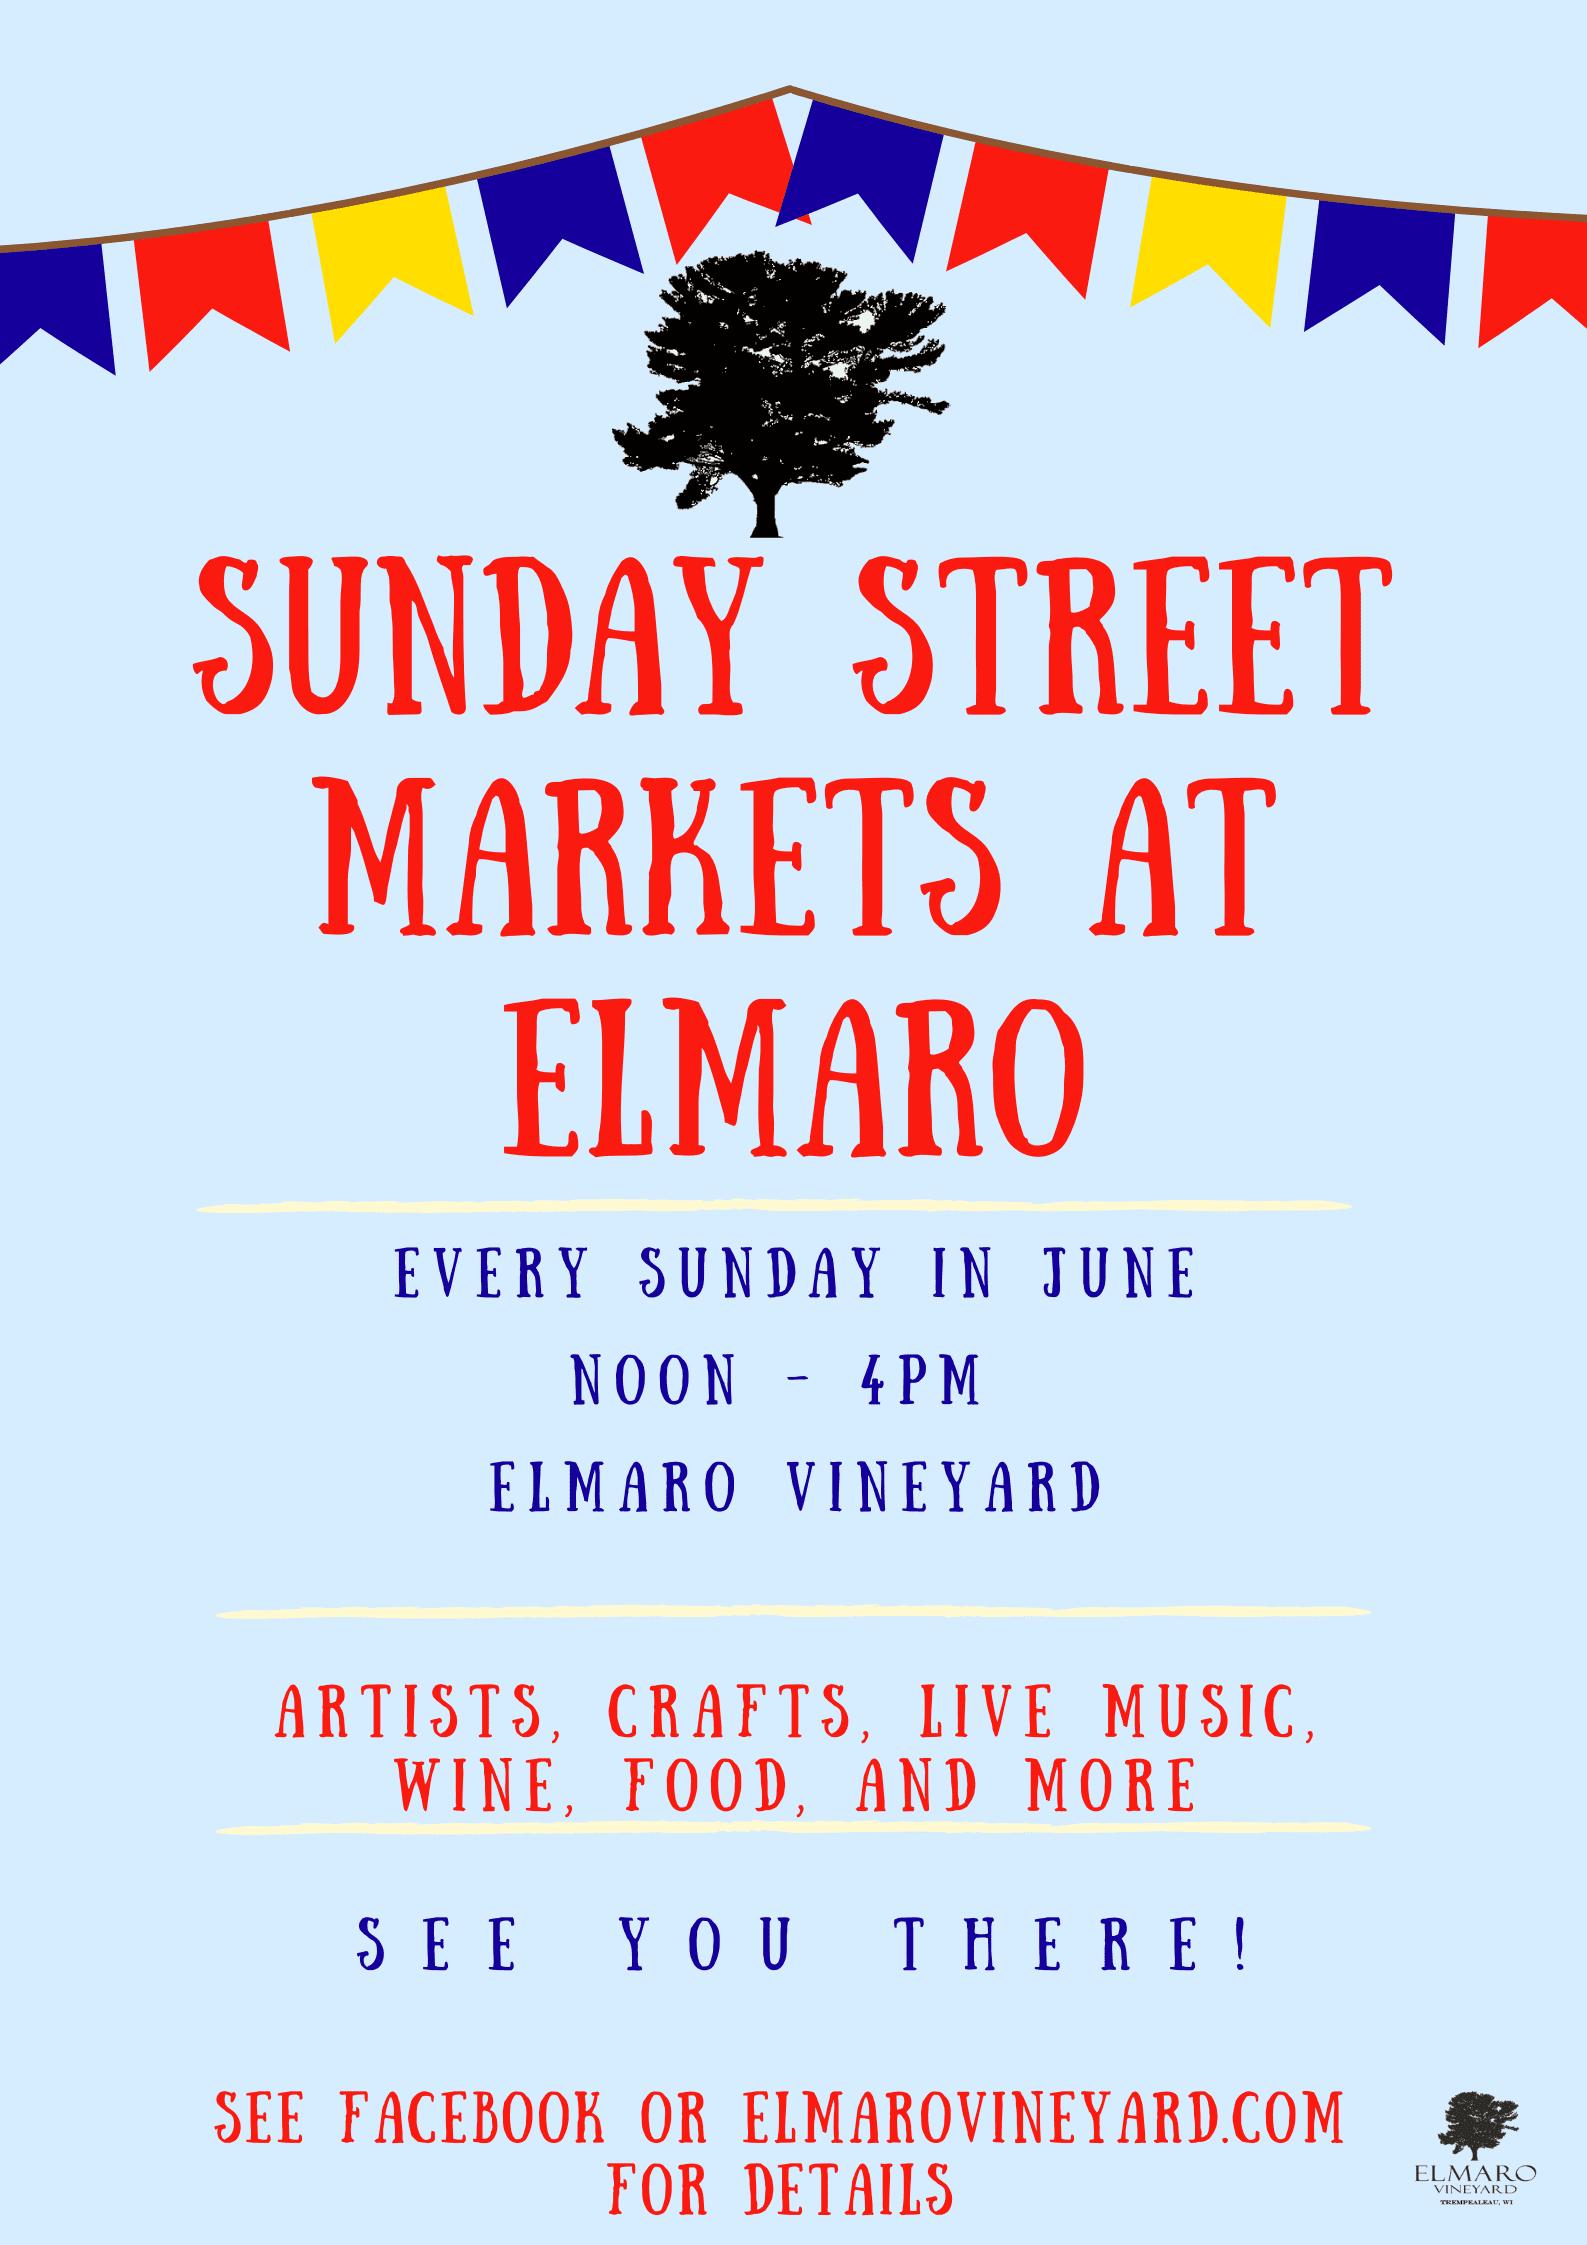 Street Market Sundays at Elmaro